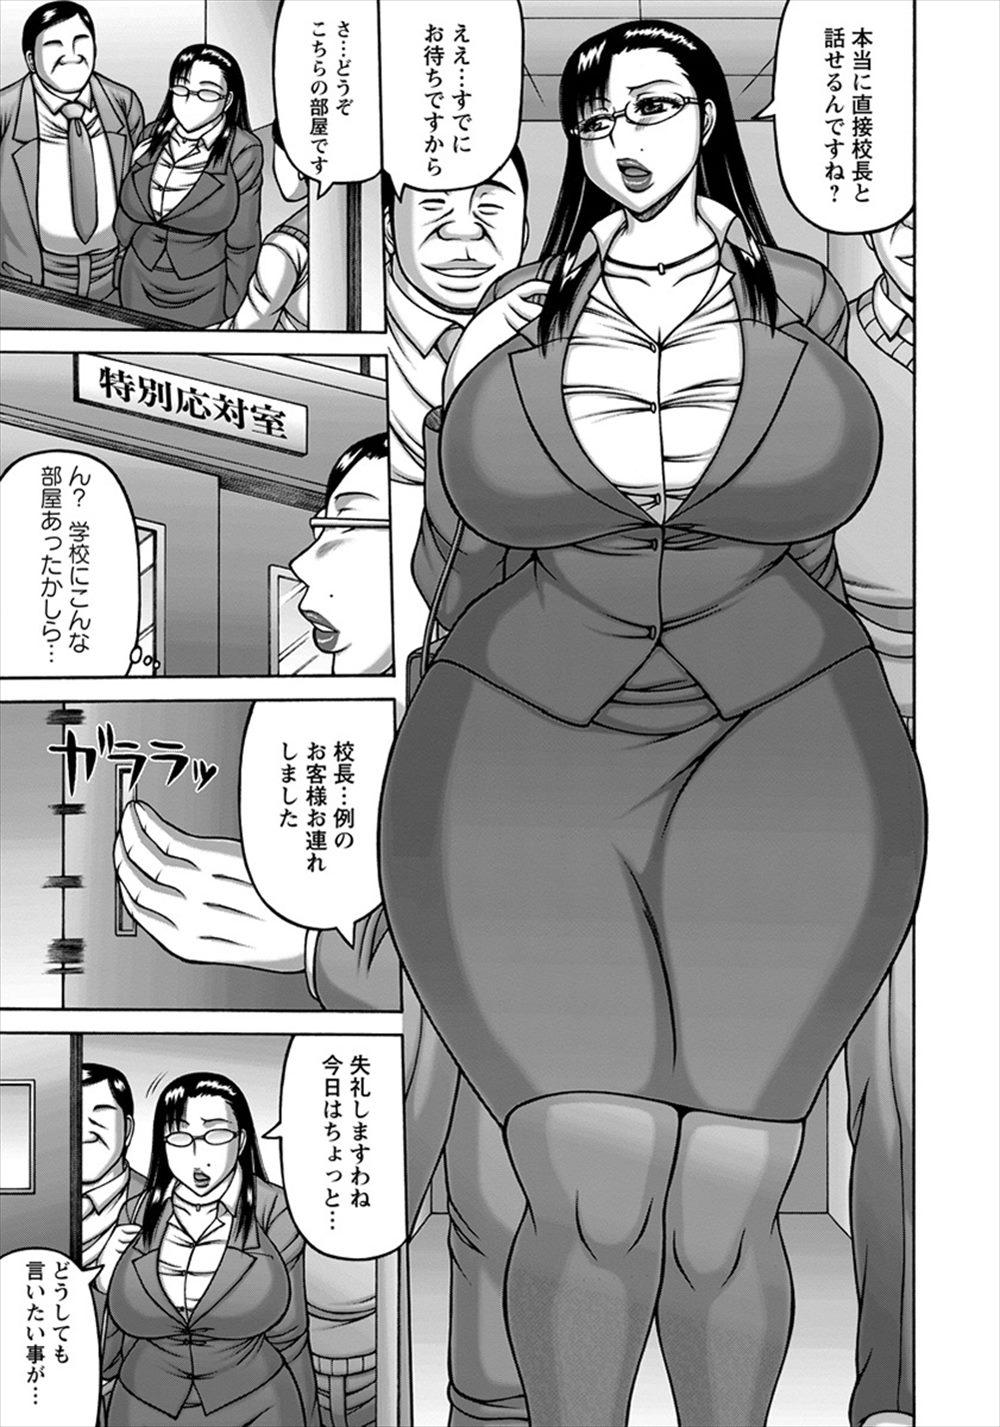 【エロ漫画】モンペの人妻熟女にお仕置きを…校長たちオジサンが陵辱レイプで性奴隷にしちゃいますww【榊歌丸:モンスターペアレント】